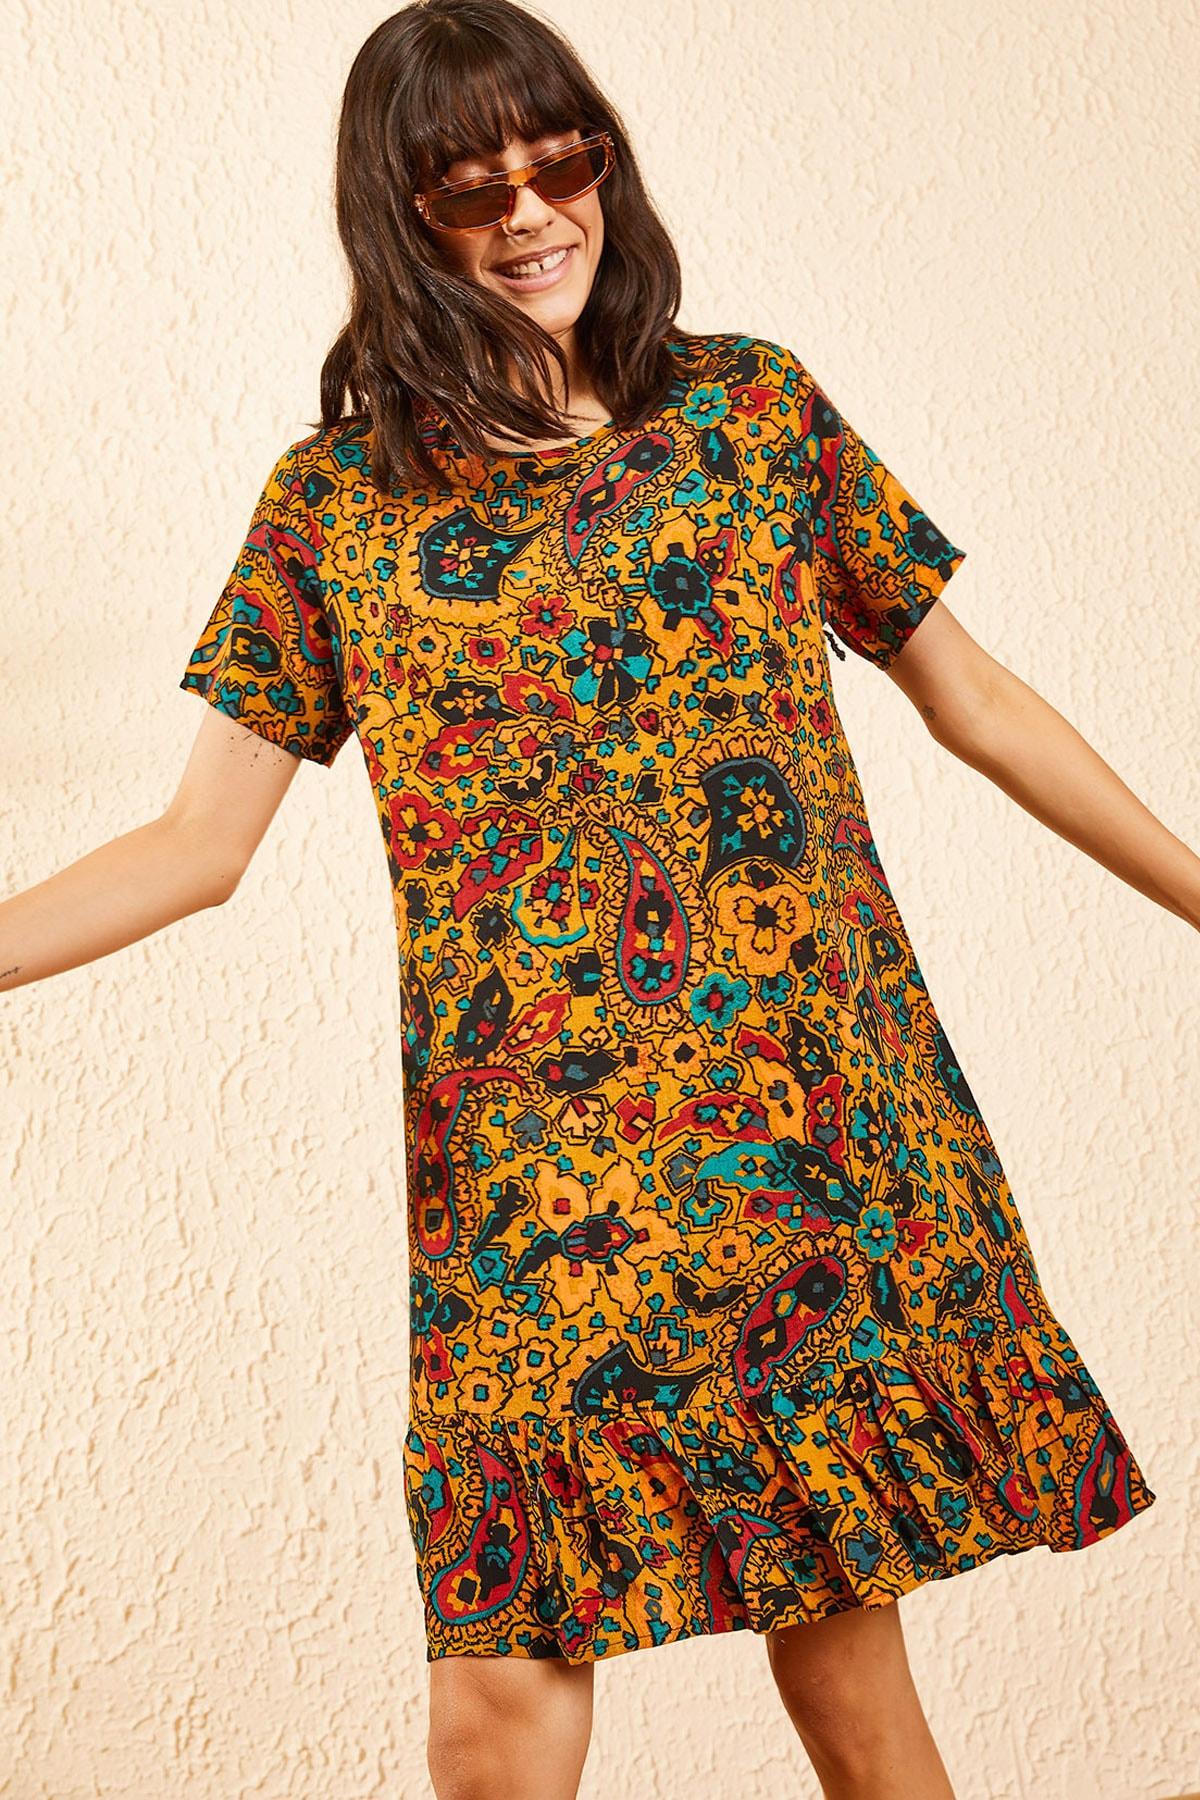 Bianco Lucci Kadın Hardal Kadın Etnik Desen Kısa Kollu Eteği Fırfırlı Elbise 10101017 4